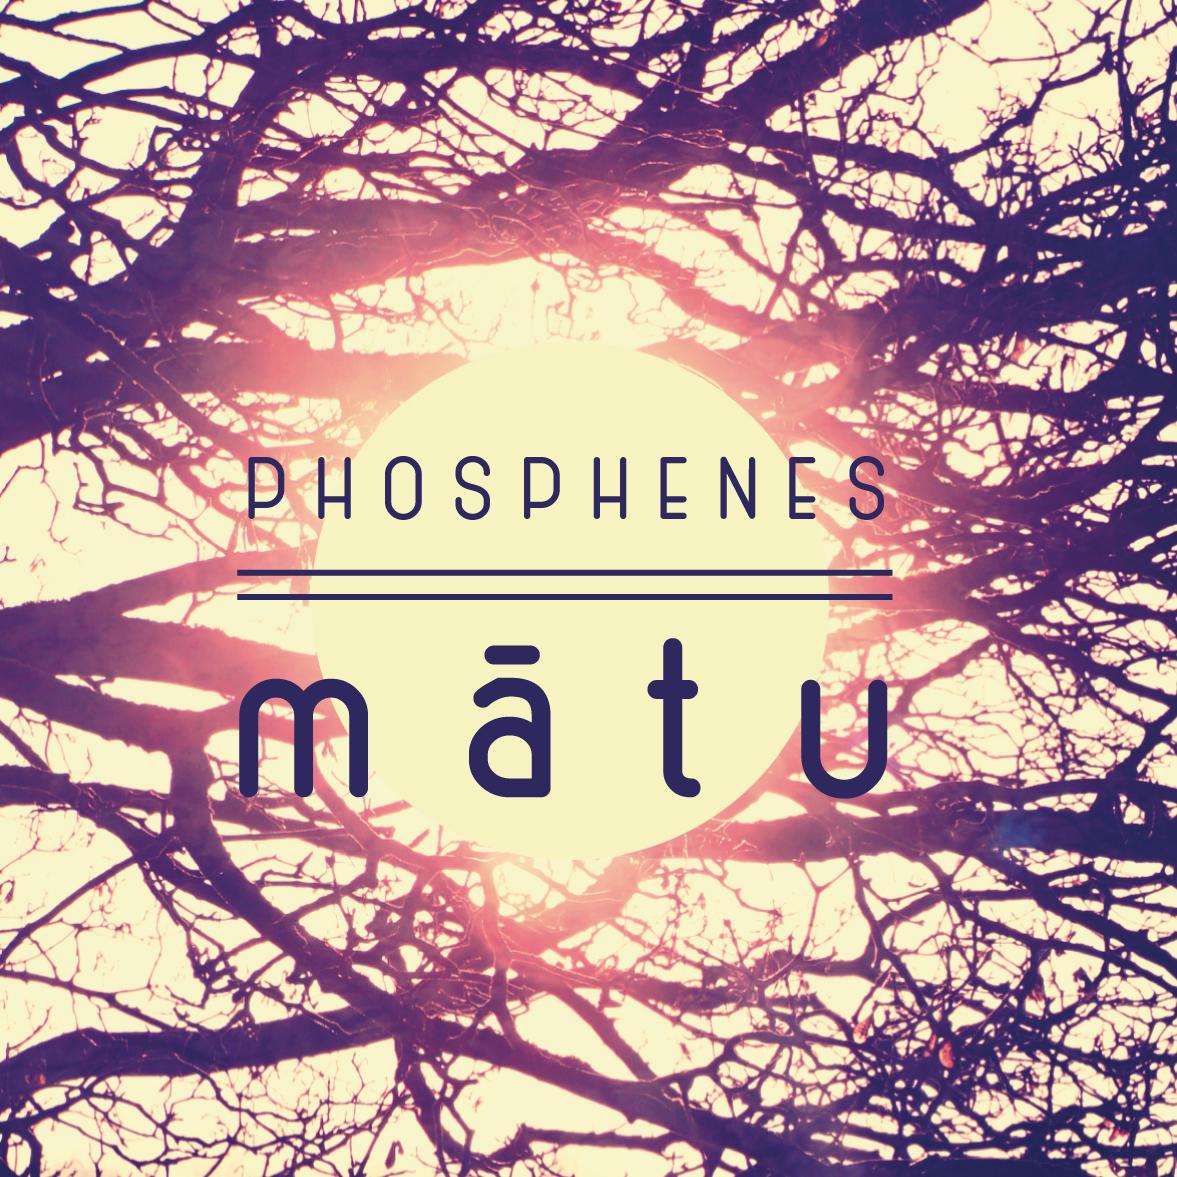 Phosphenes:  by mātu